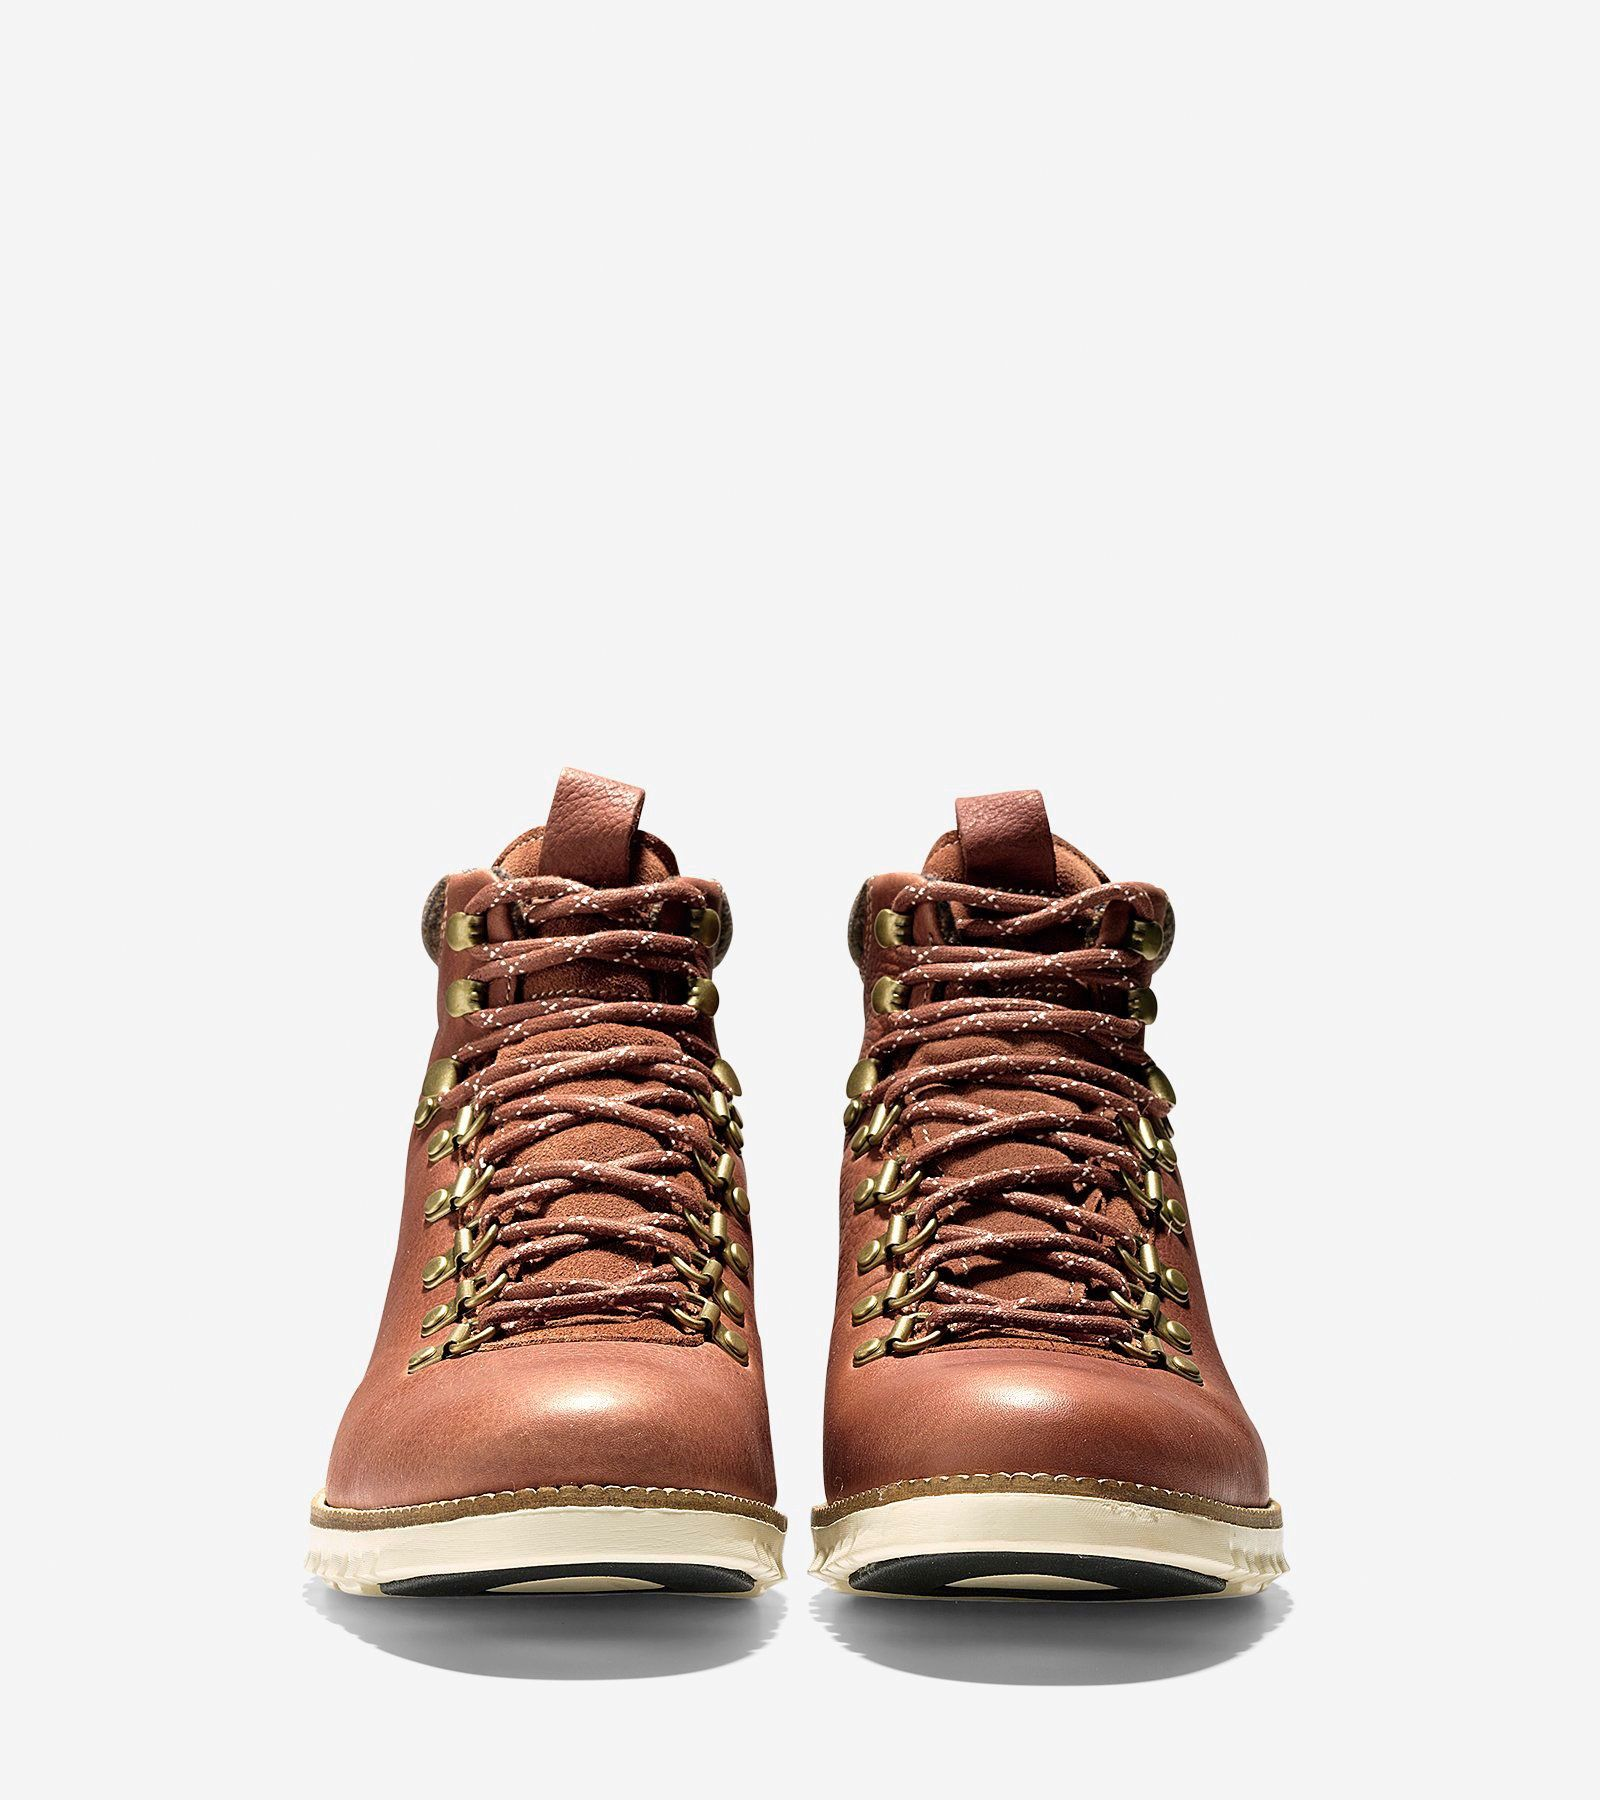 898993018b6 Cole Haan Men's Zerøgrand Water Resistant Hiker Boot - Woodbury ...